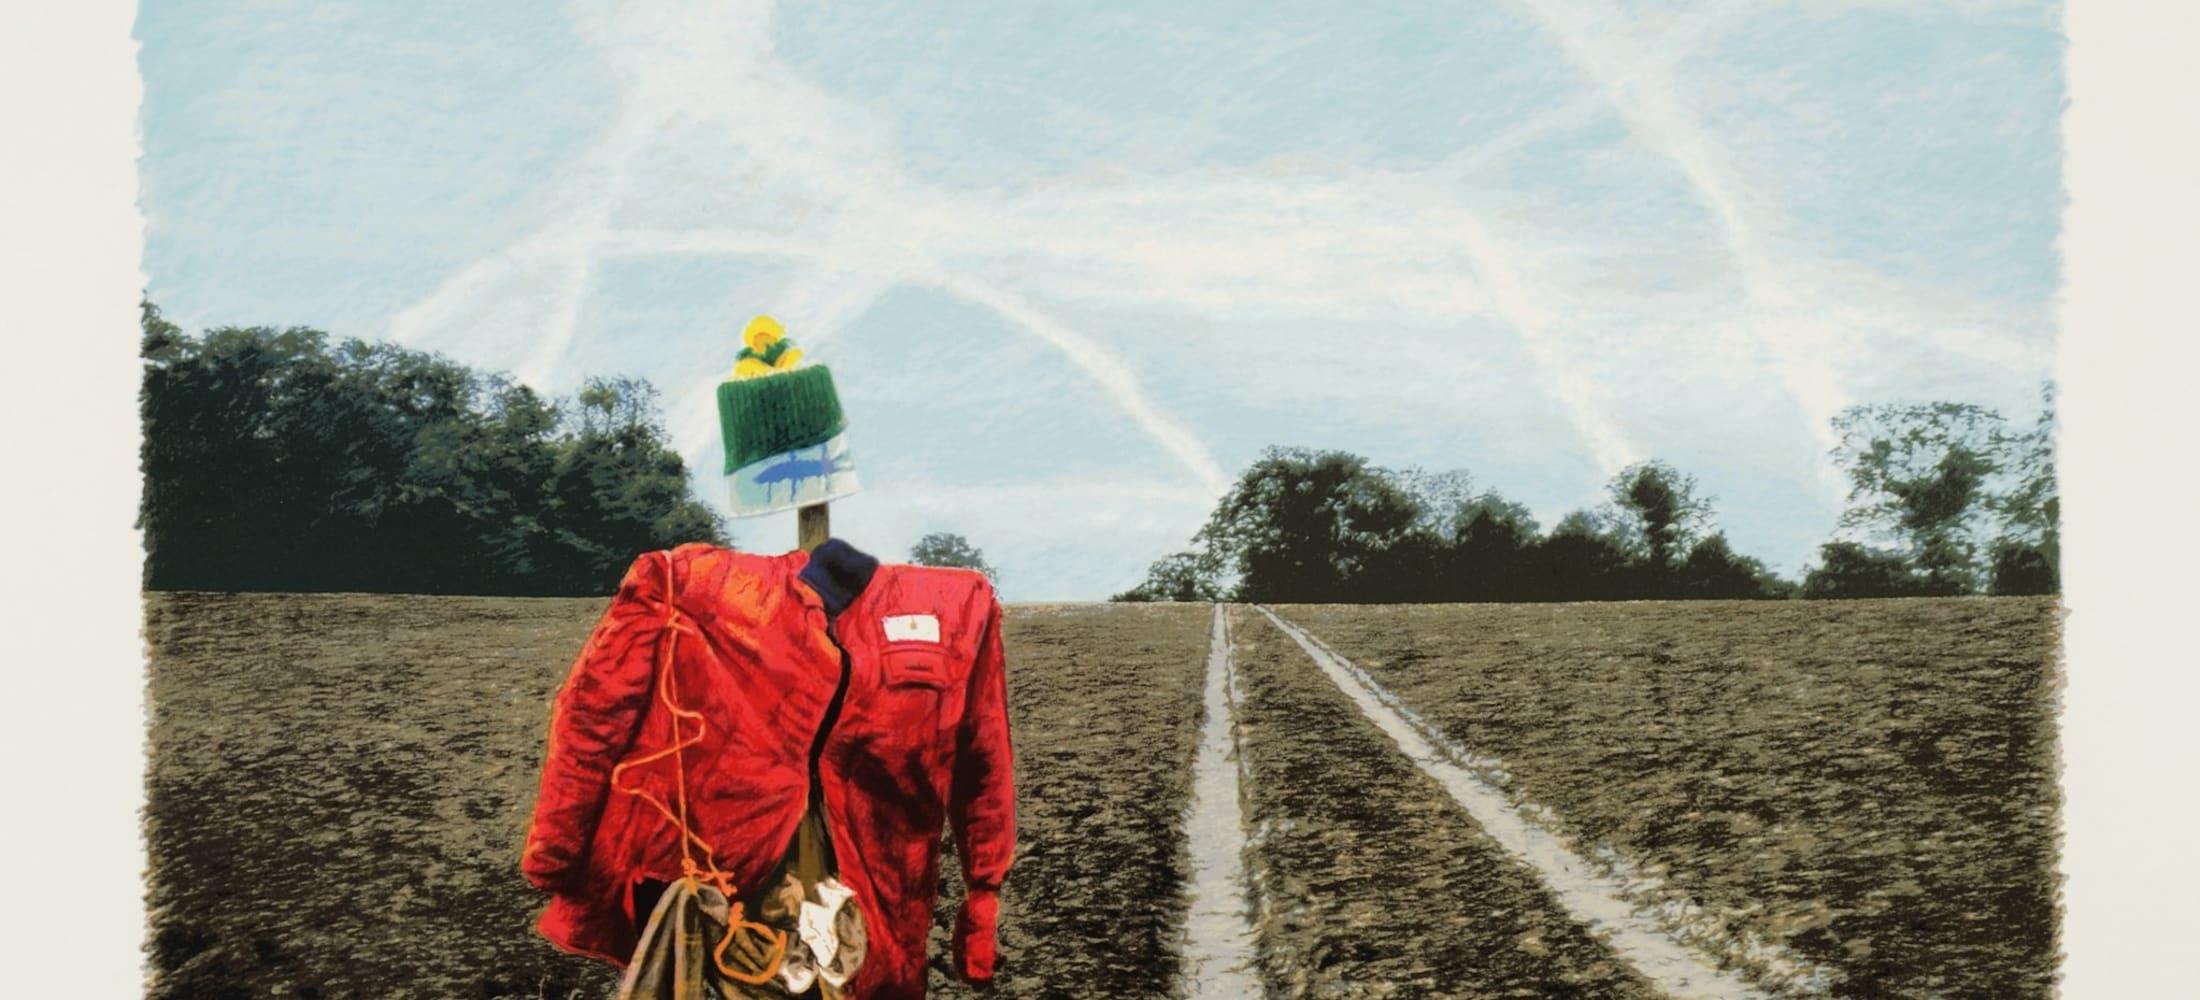 Boyd & Evans, Bird/Scarecrow, 1990